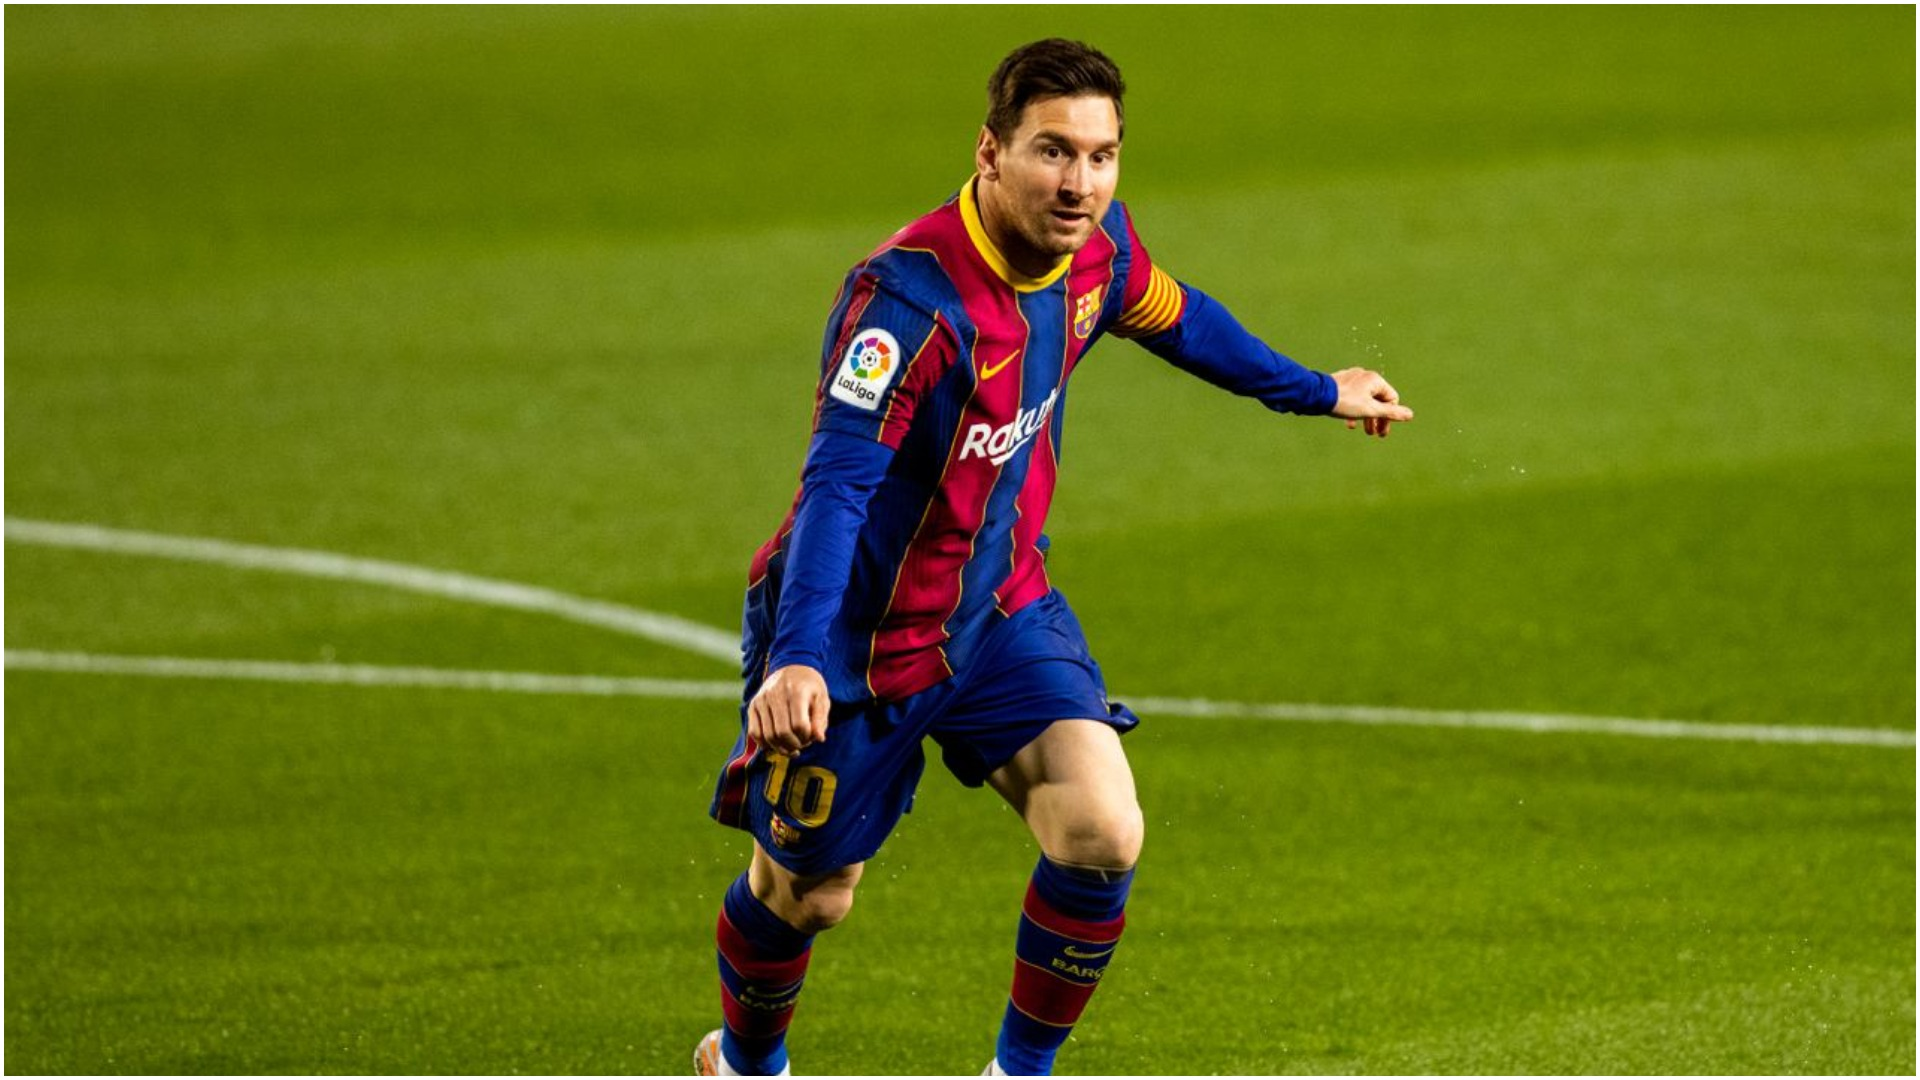 E ardhmja e Messit në dyshim, PSG drejtohet me propozim konkret